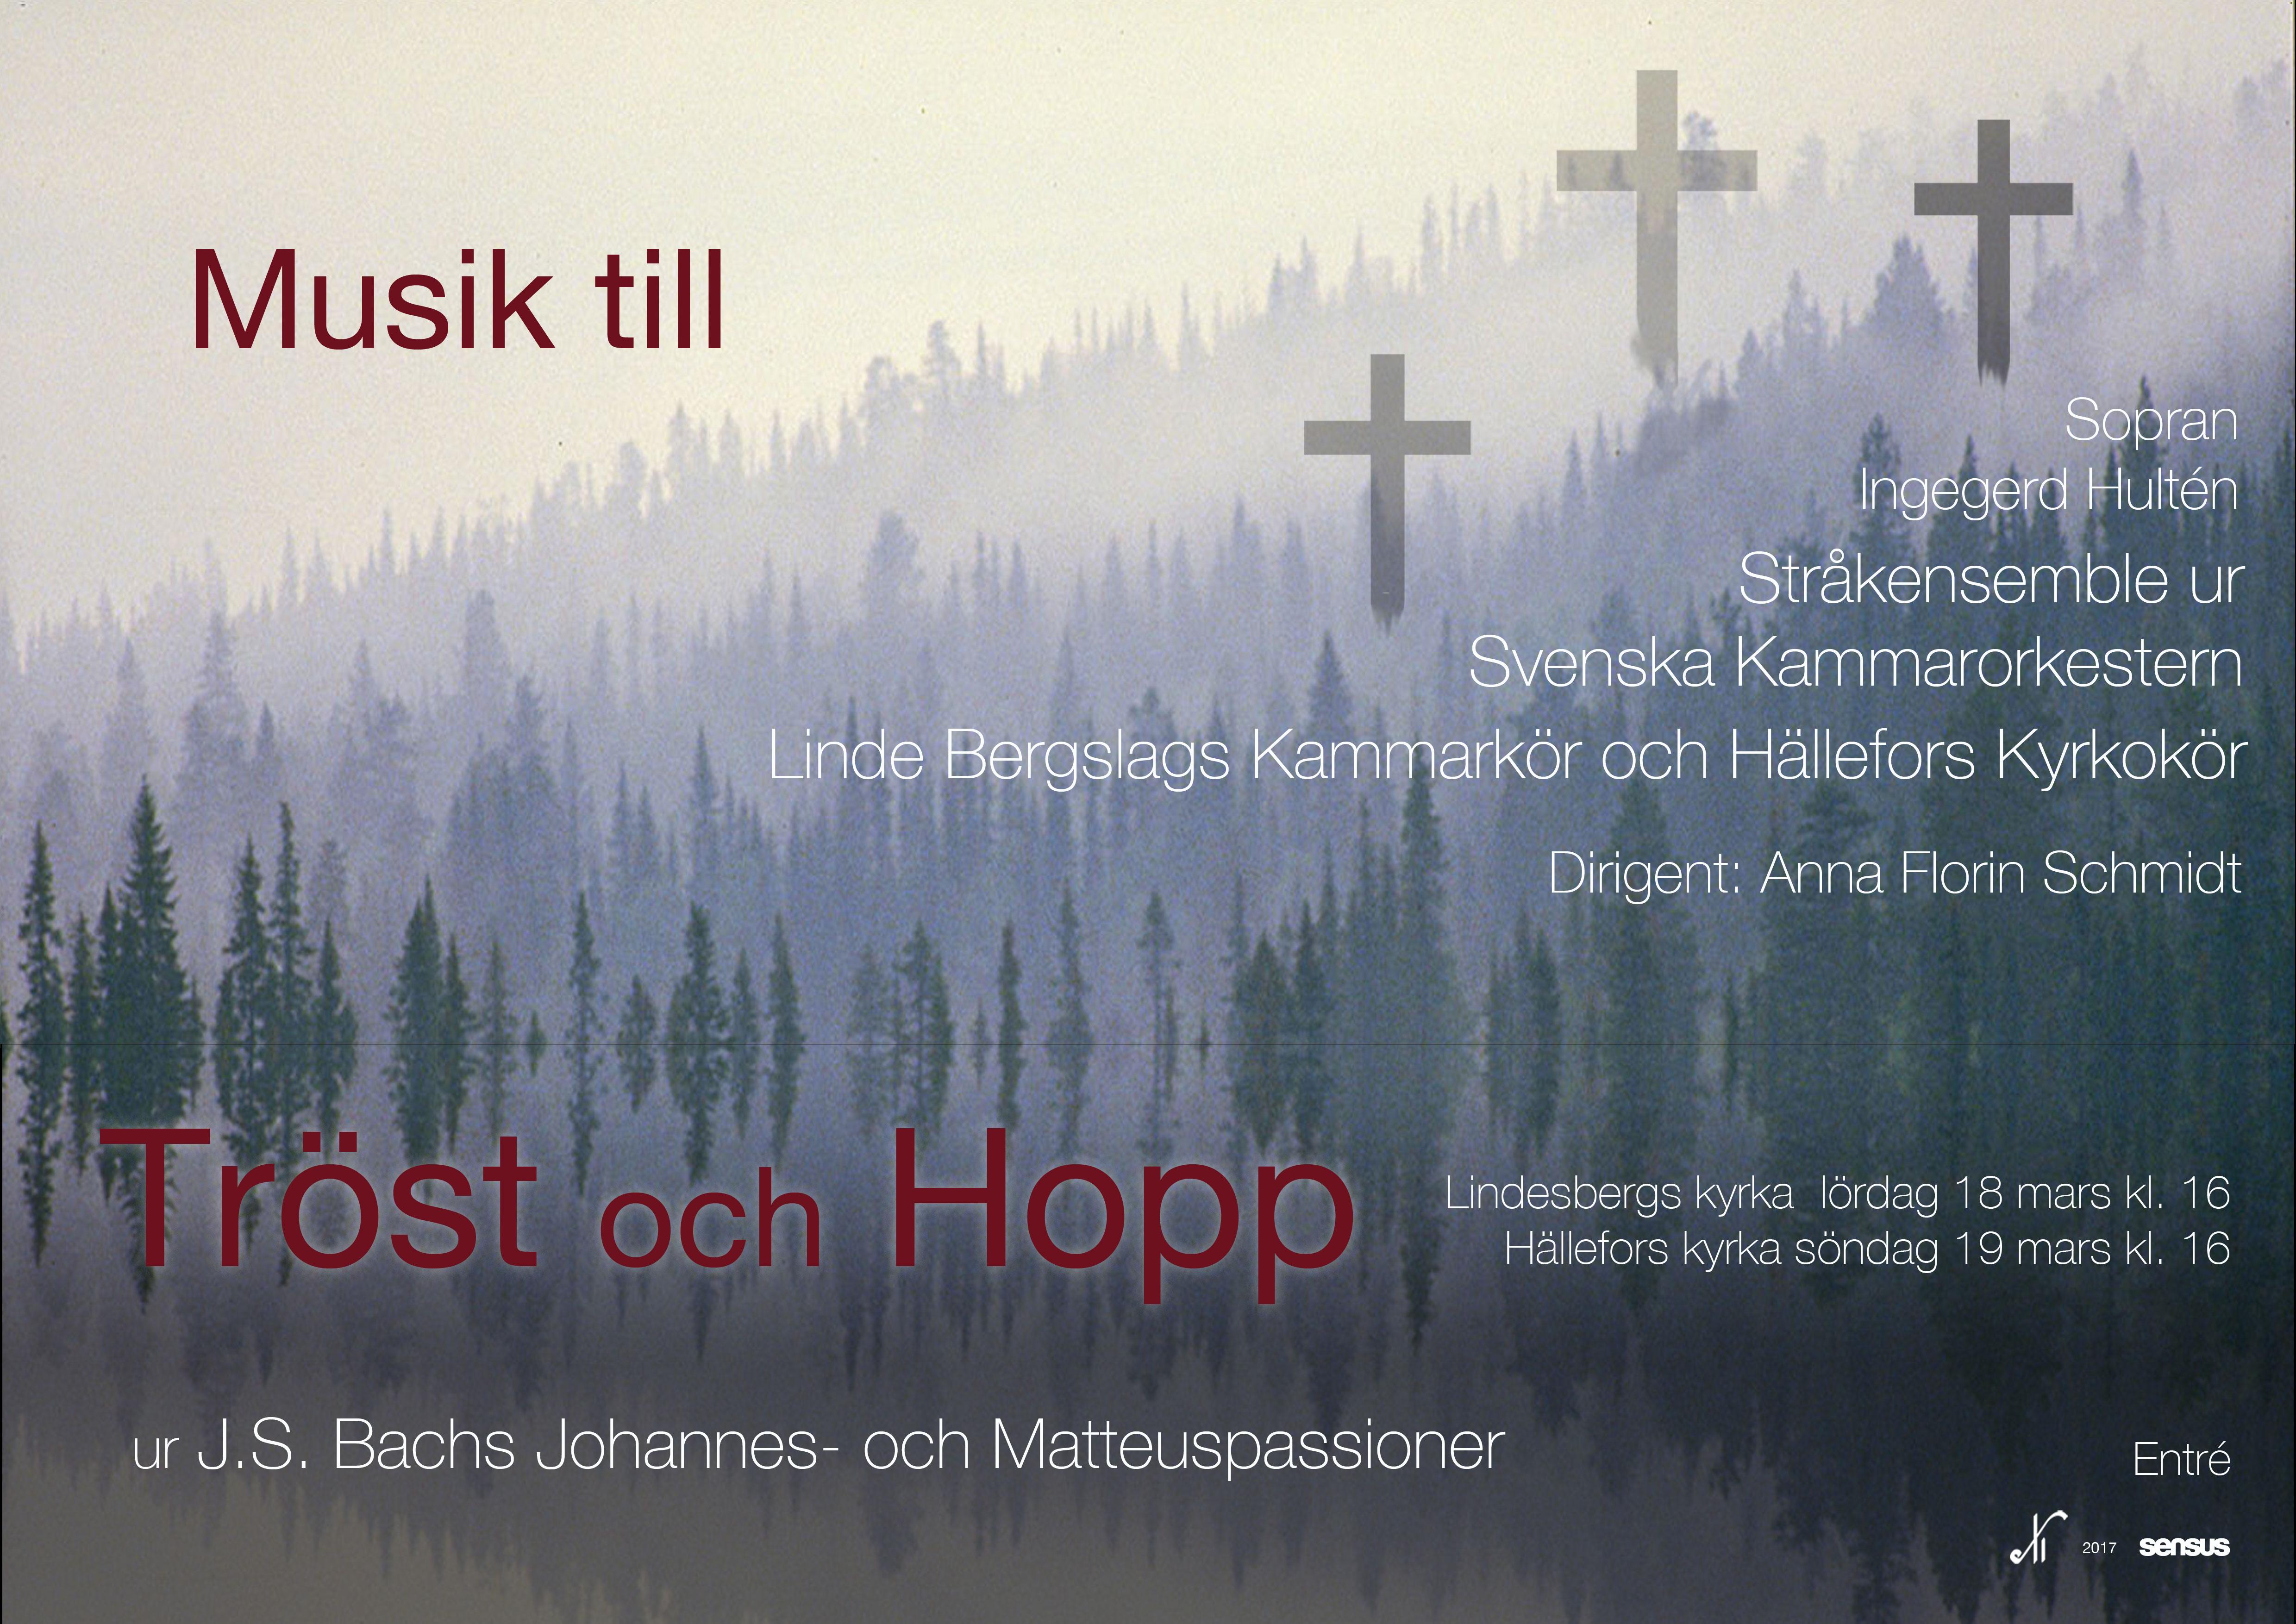 hopp-o-trost8stor